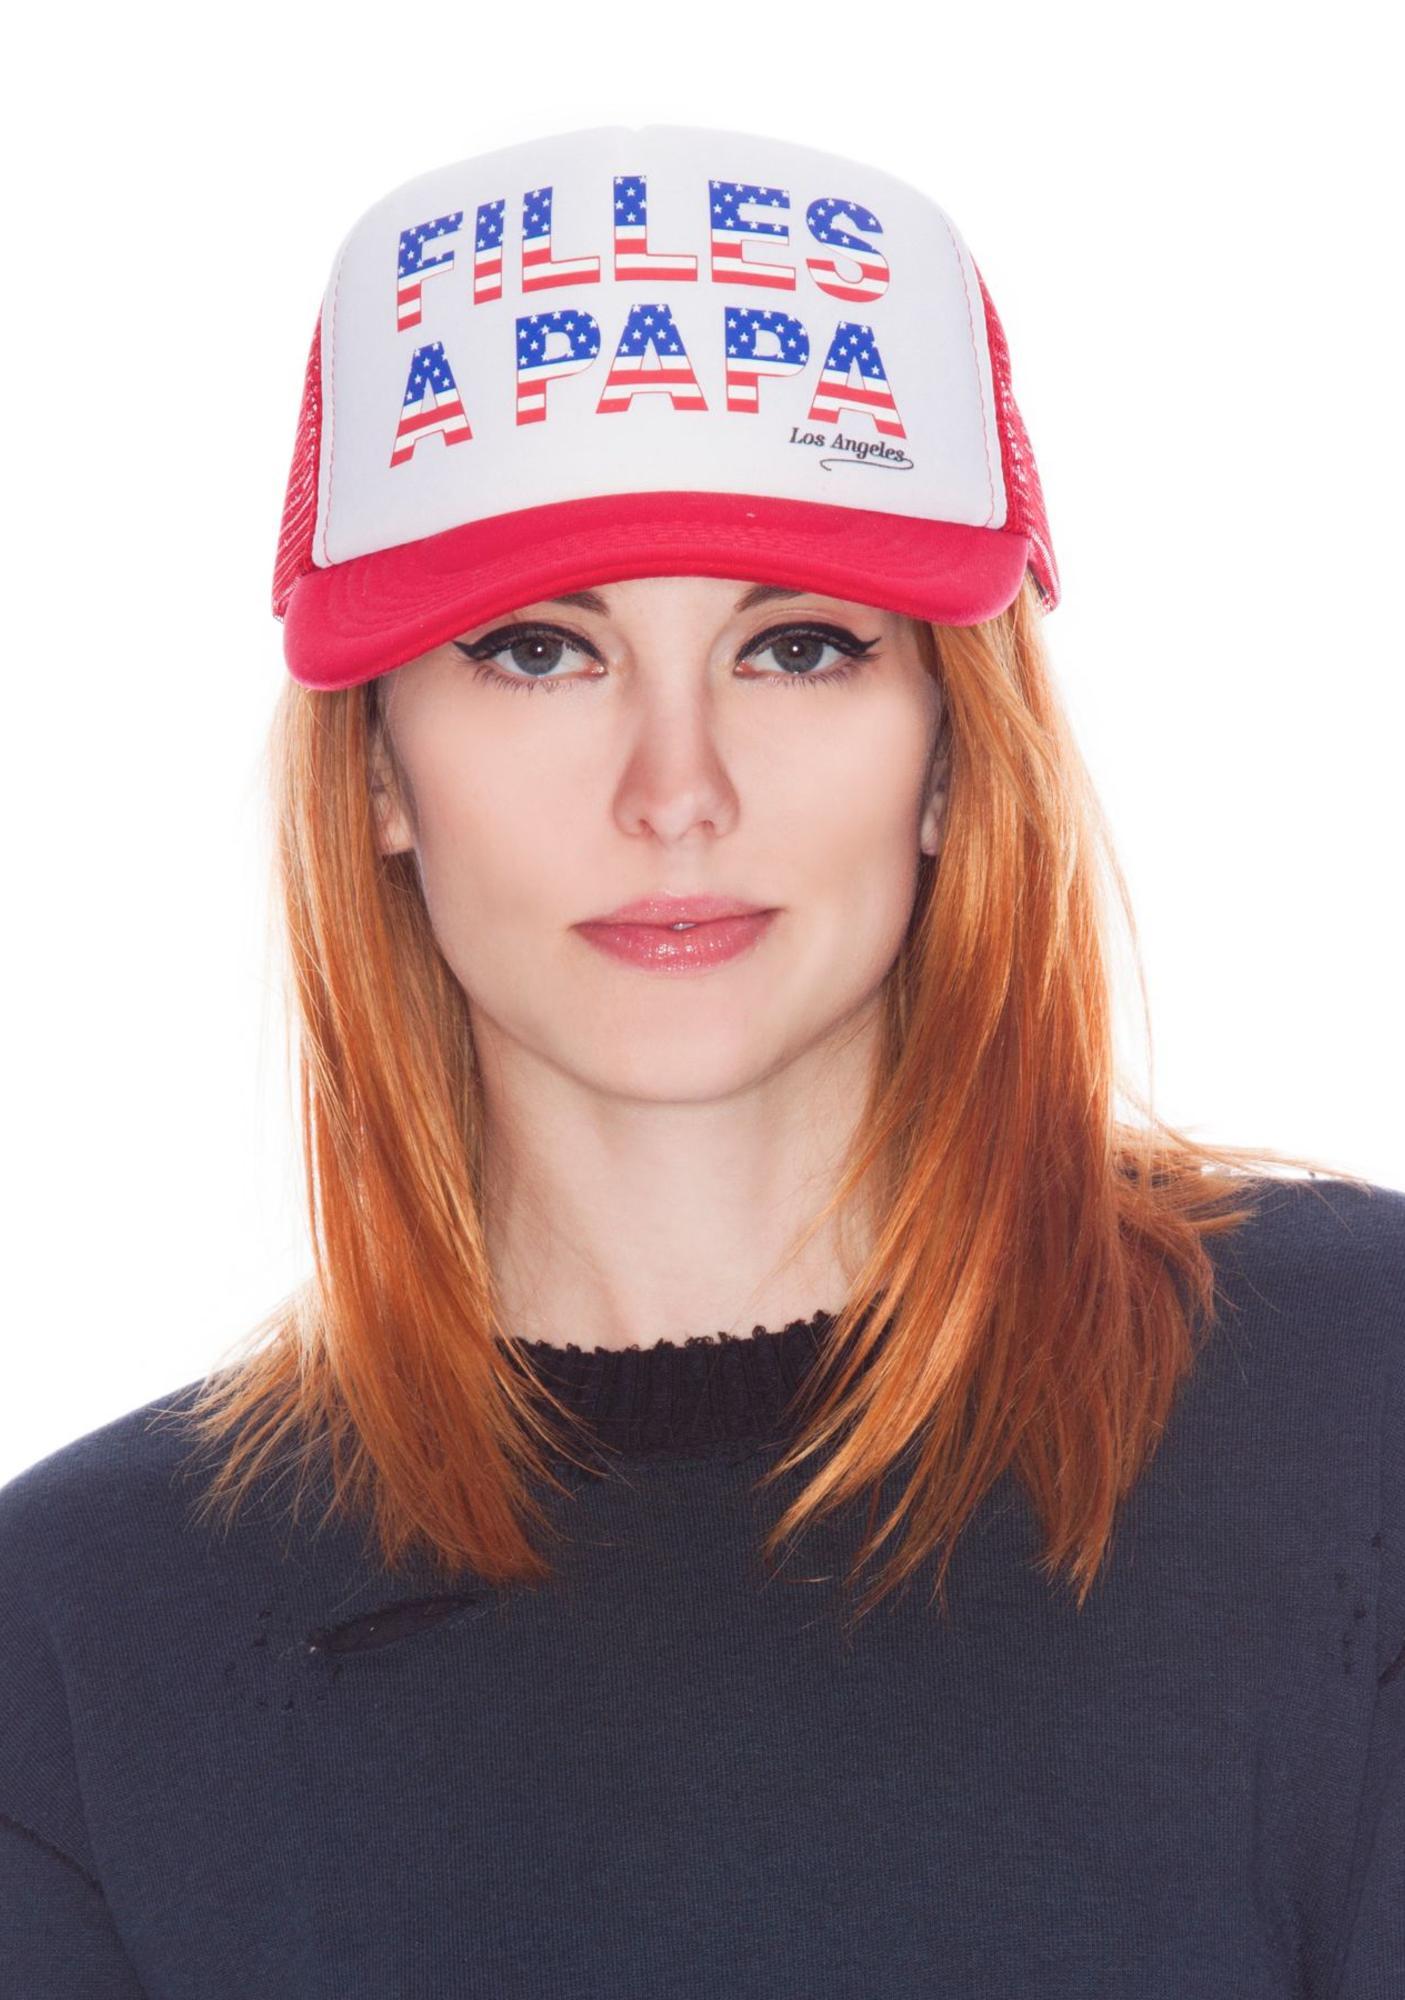 Jill Screenprinted Cap